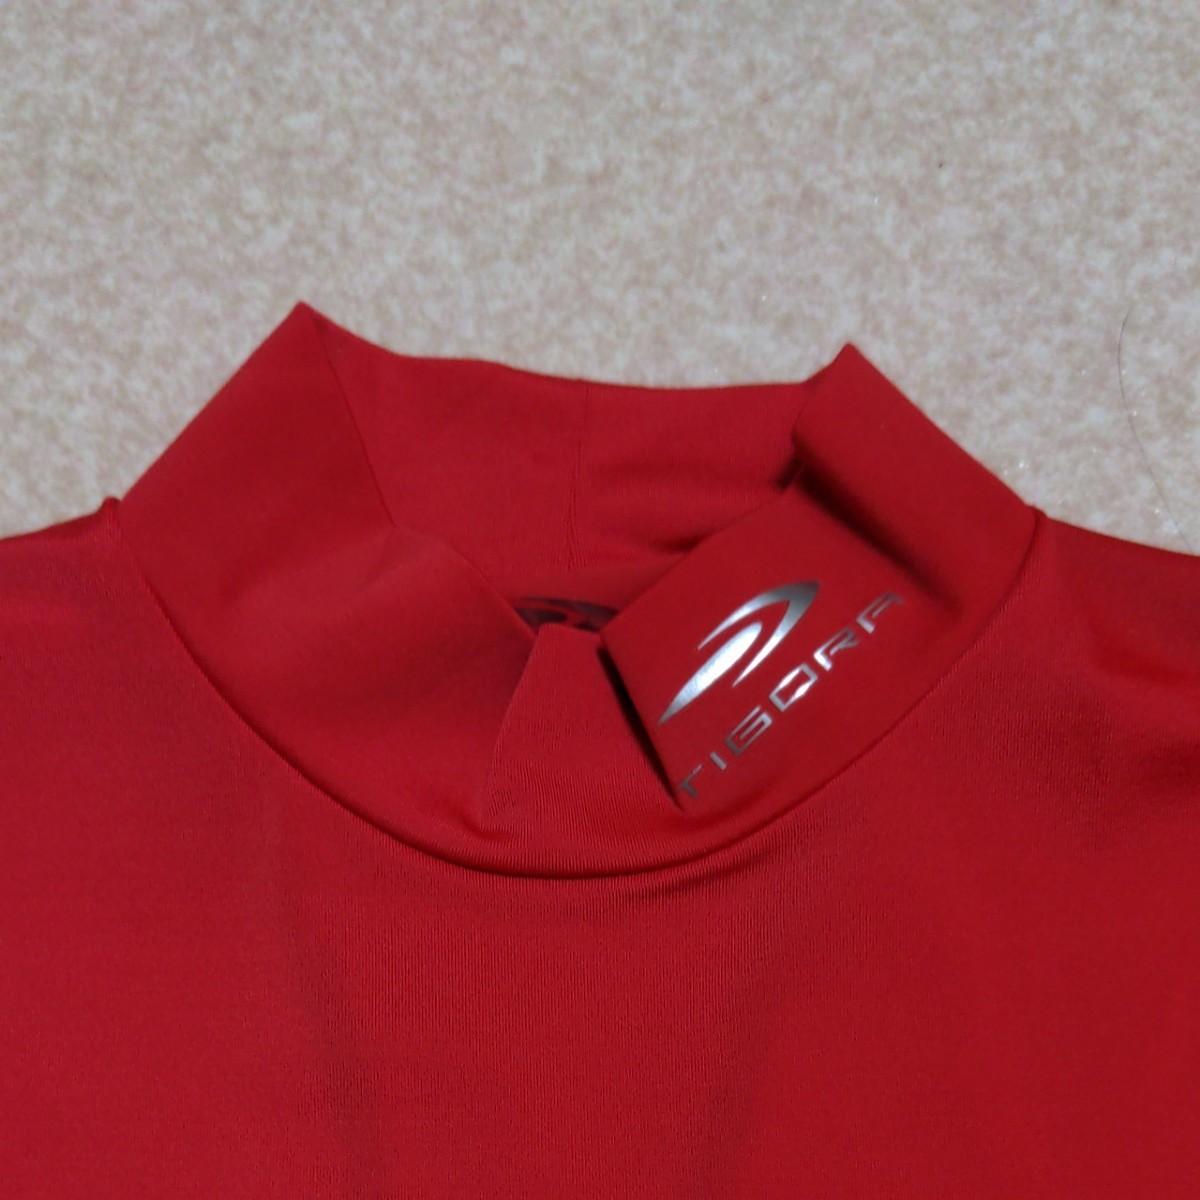 新品 未使用 ティゴラ ハイネック インナーシャツ アンダーシャツ 長袖 サッカー フットサル アディダス ナイキ 赤 レッド